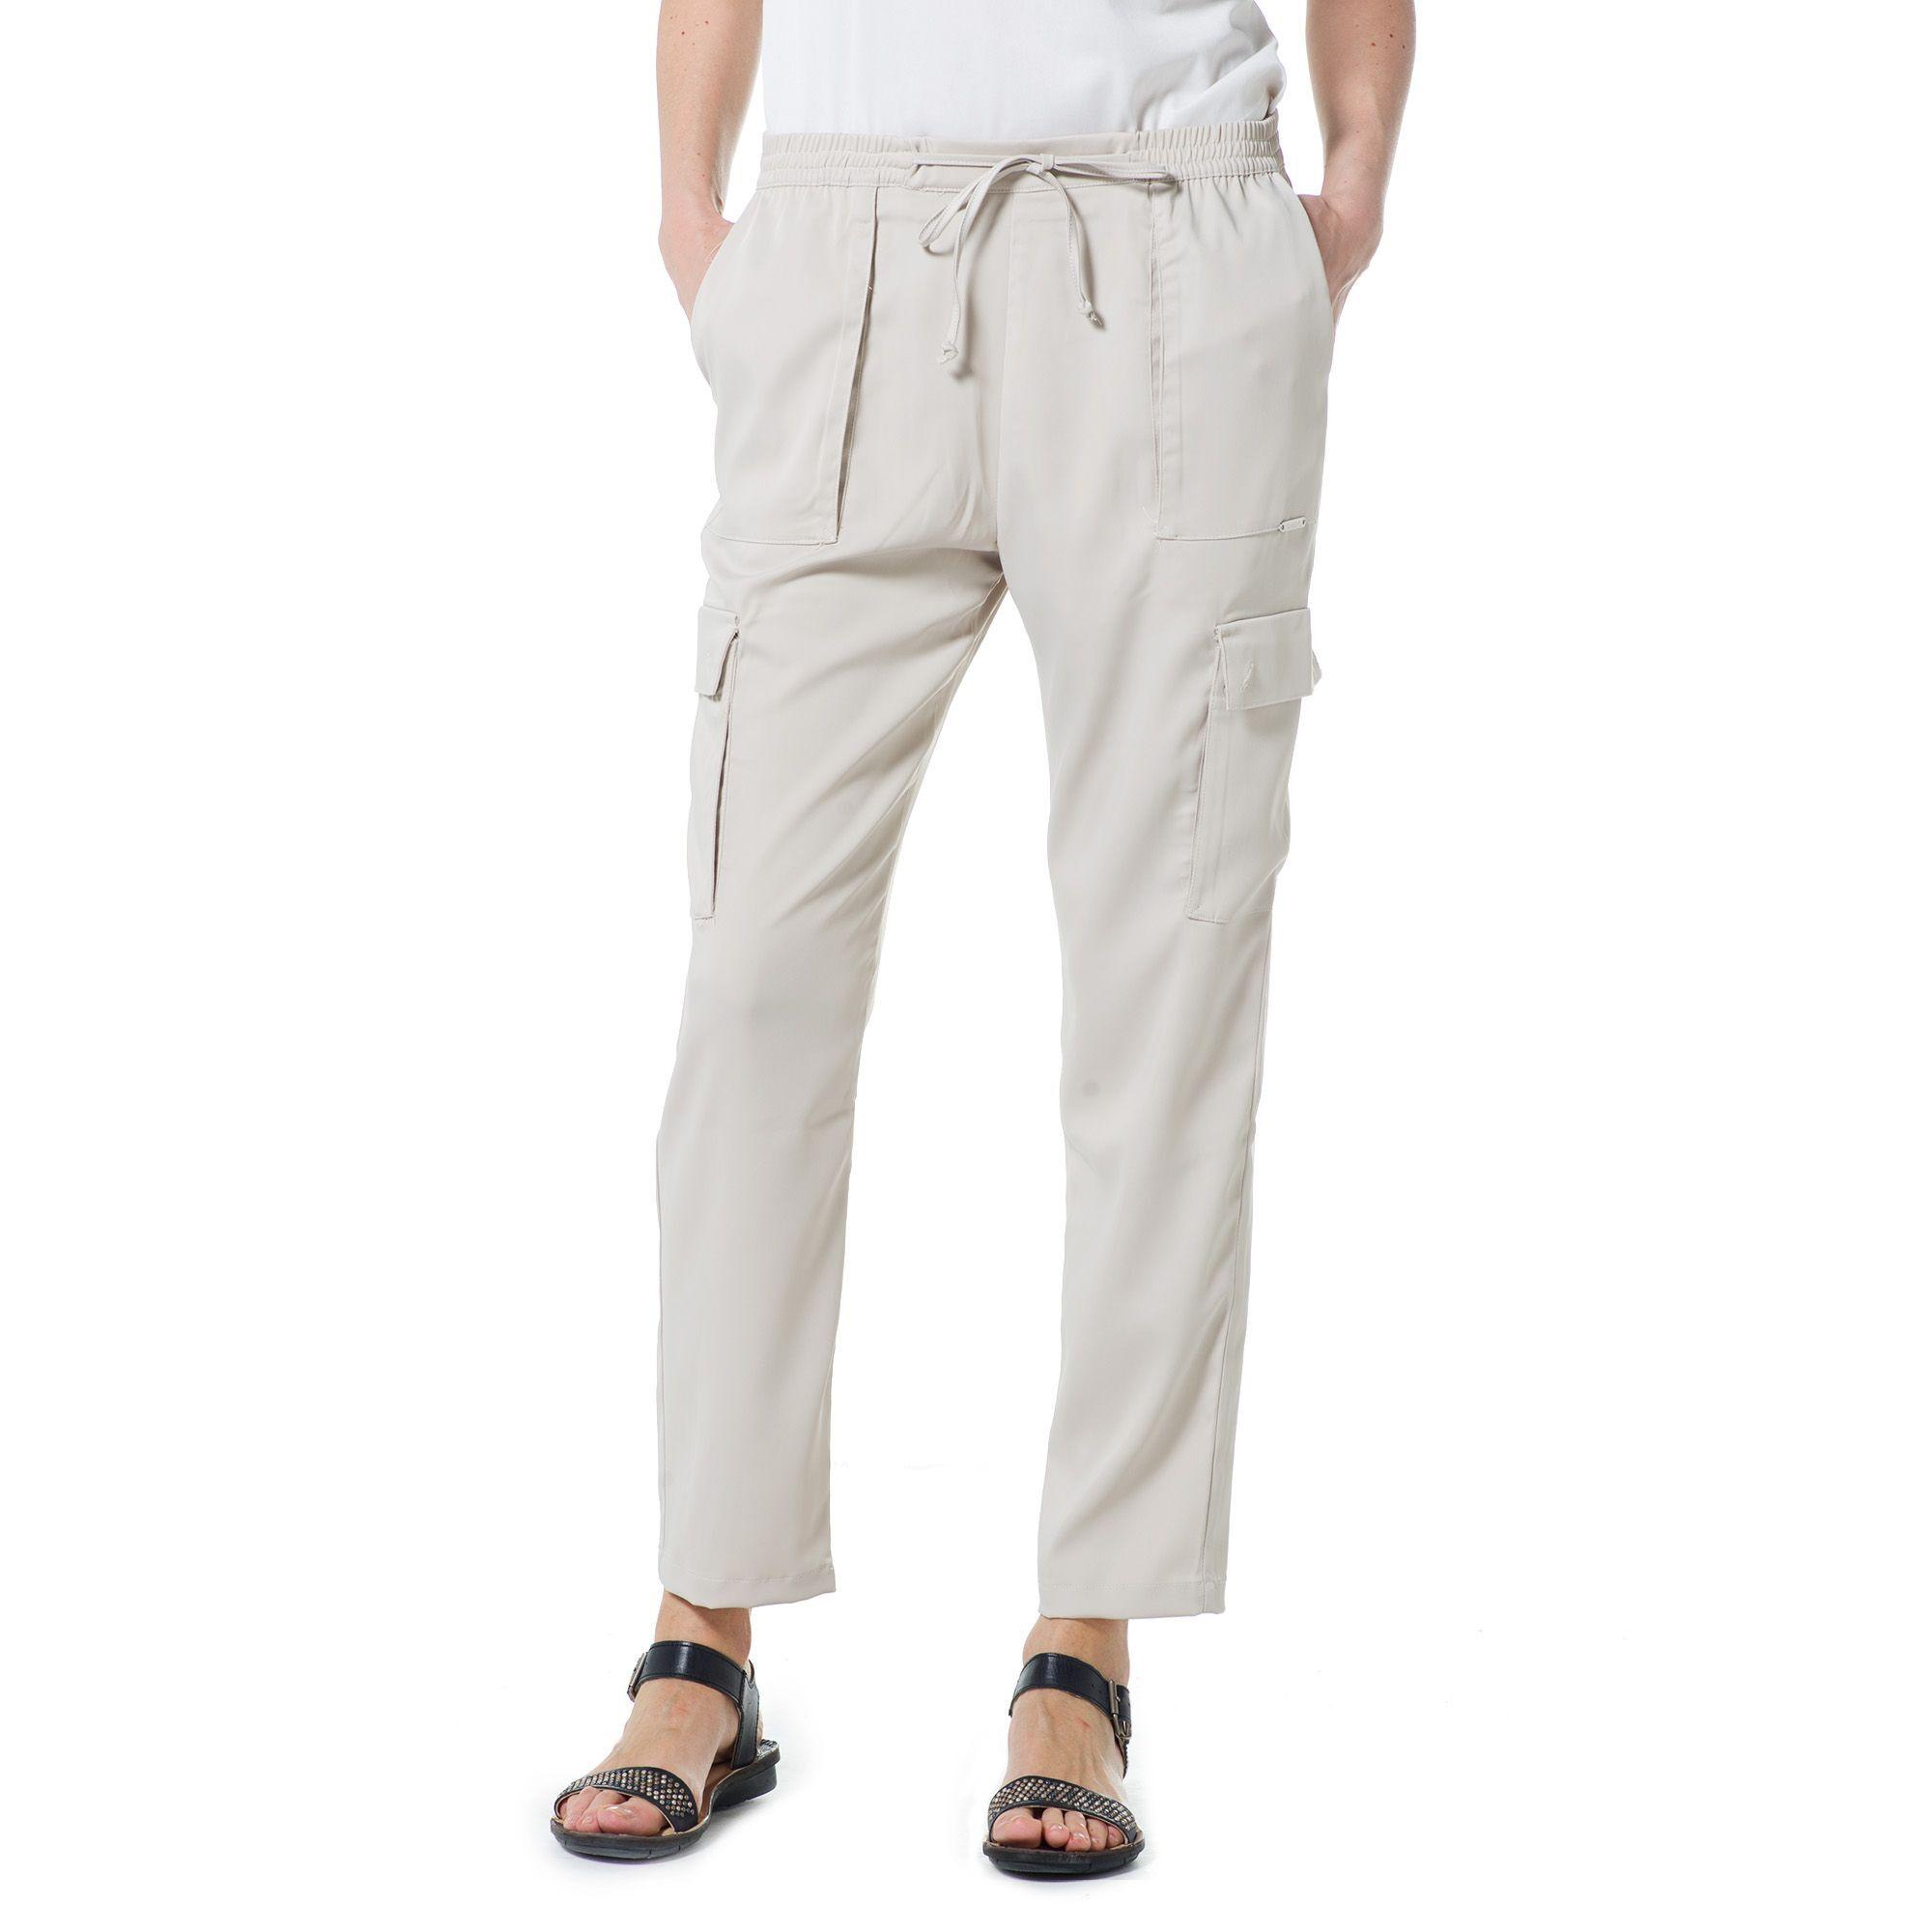 Officina della Moda Pantaloni cargo in raso lucido con vita elasticata